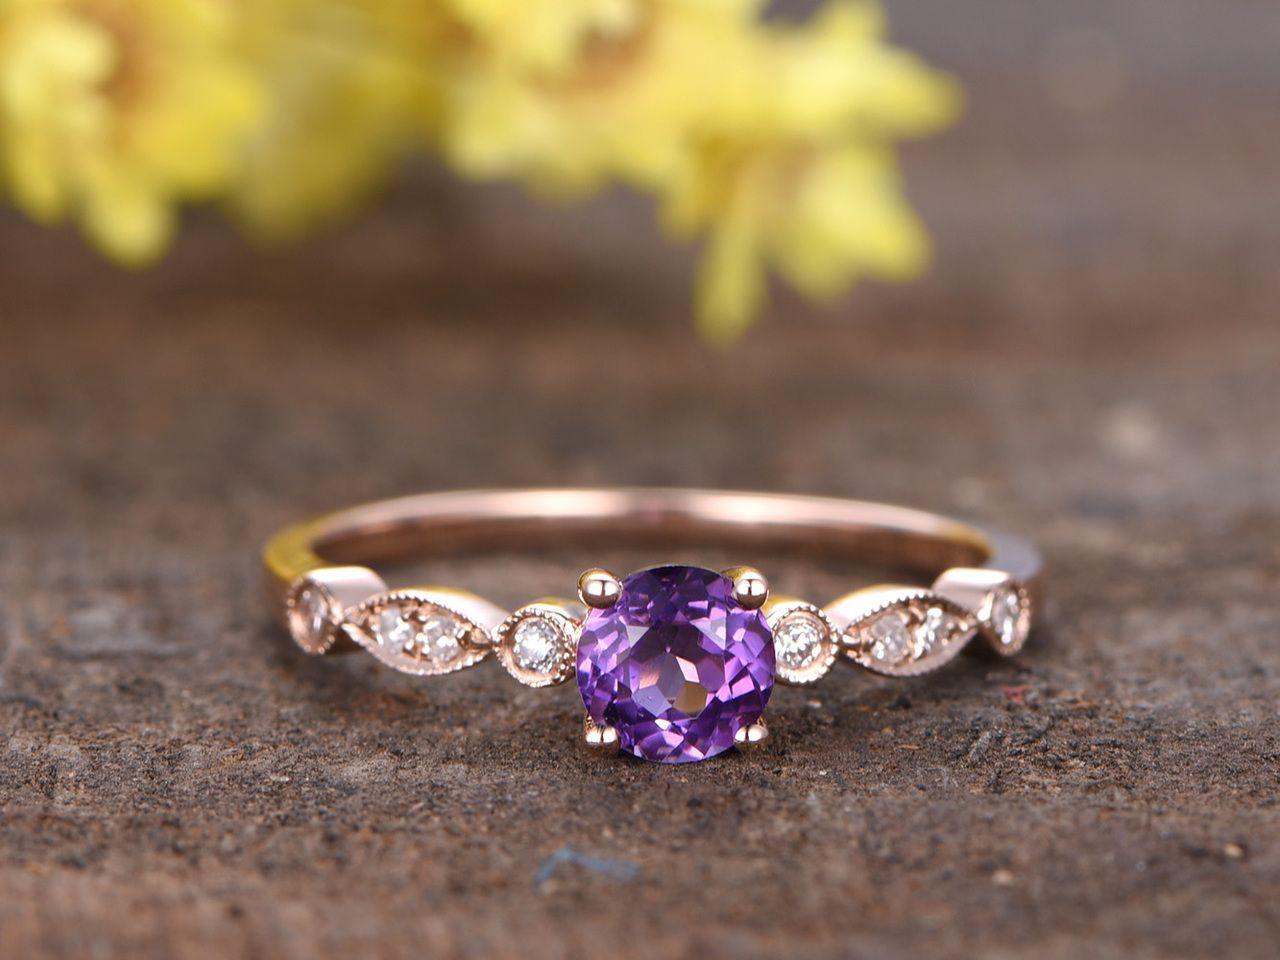 0.5 Carat Round Amethyst Diamond Engagement Ring 14k Rose